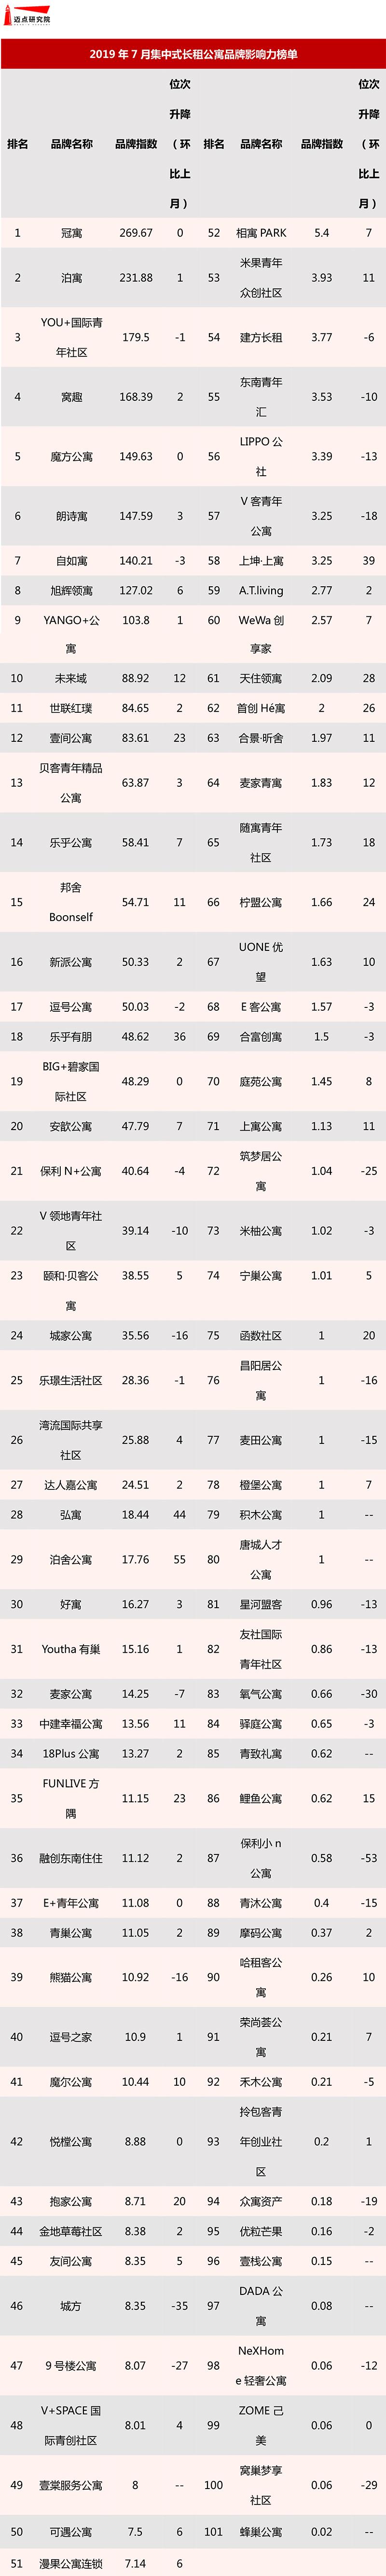 2019年7月集中式长租公寓品牌影响力榜单-1.jpg